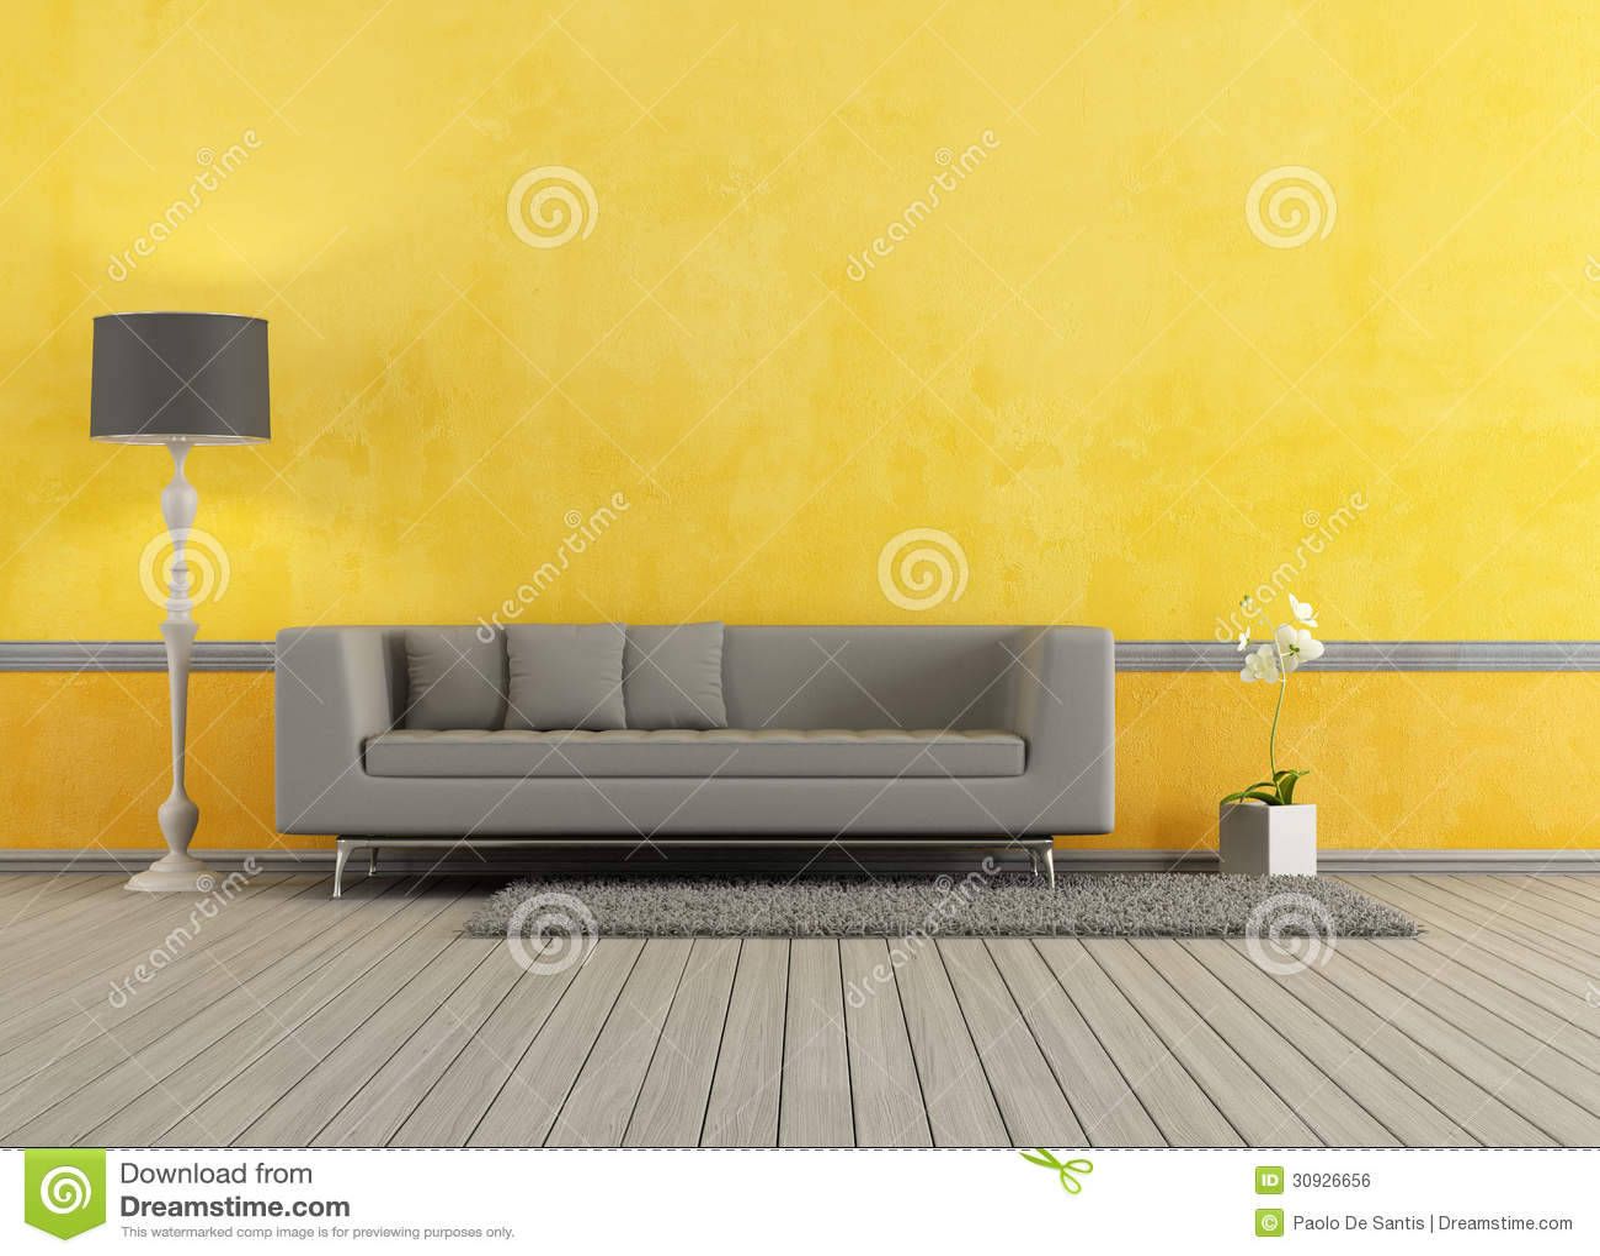 Gelbe Deko Wohnzimmer ~ Wohnzimmer wand grau auf gelb